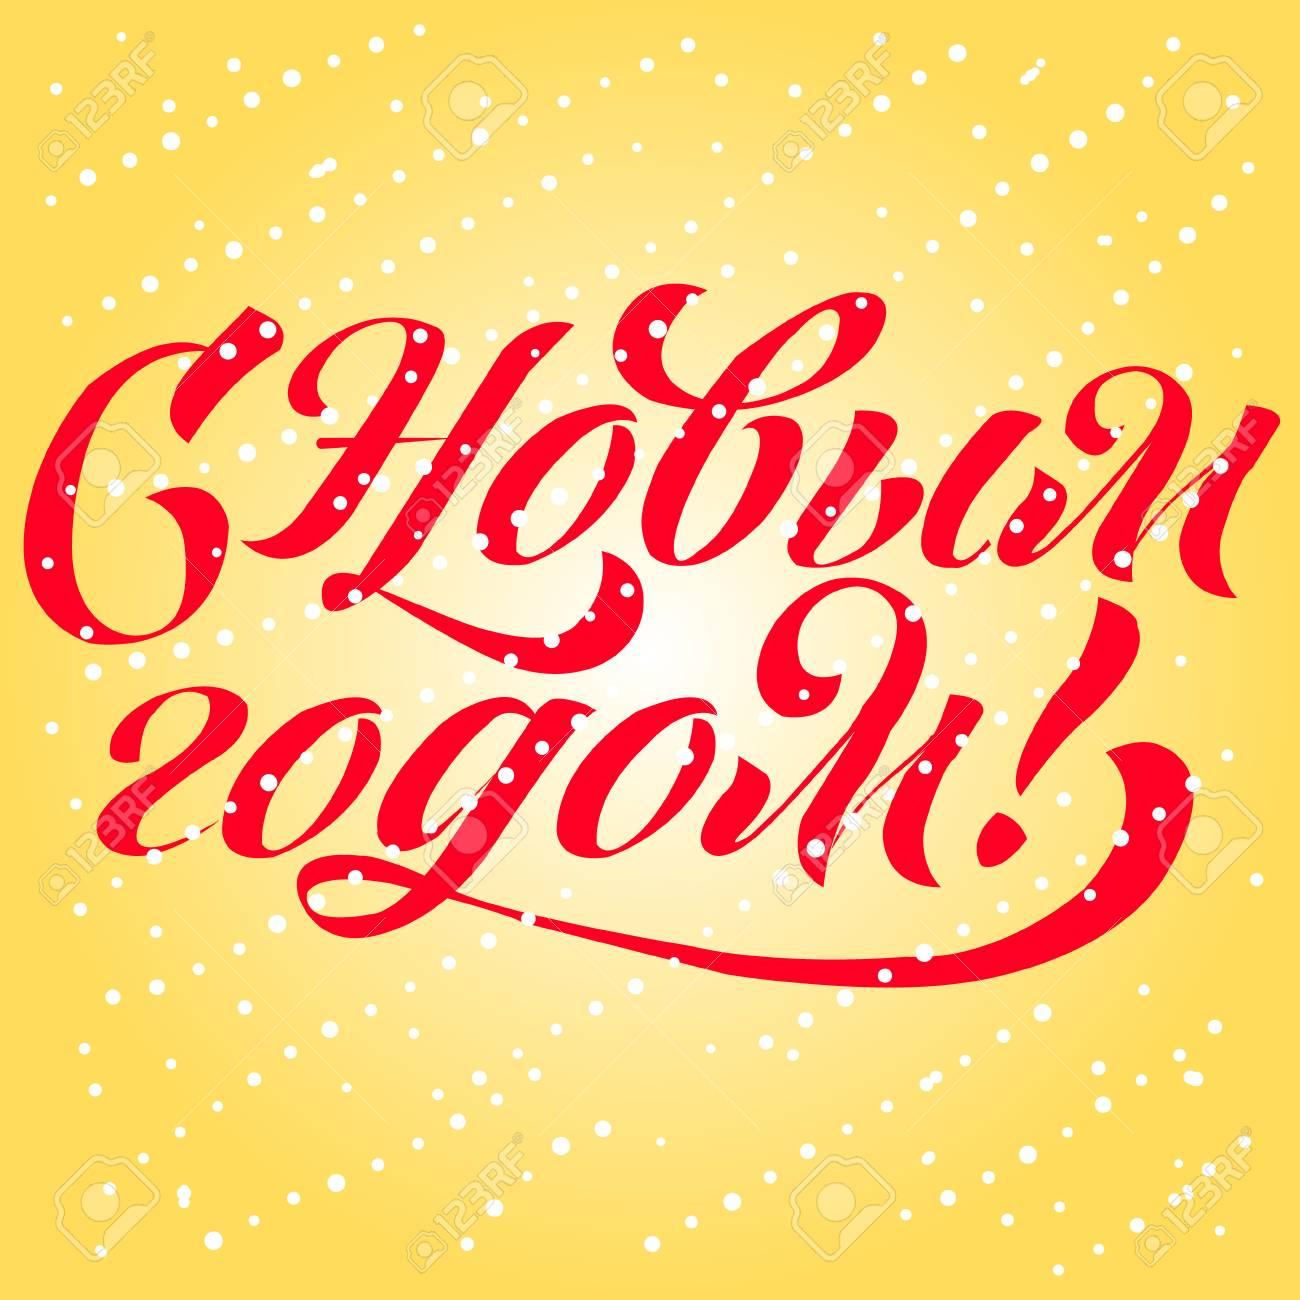 Rotulagem Com Frase Em Língua Russa Desejos Calorosos Para Boas Festas Em Cirílico Tradução Inglesa Feliz Ano Novo